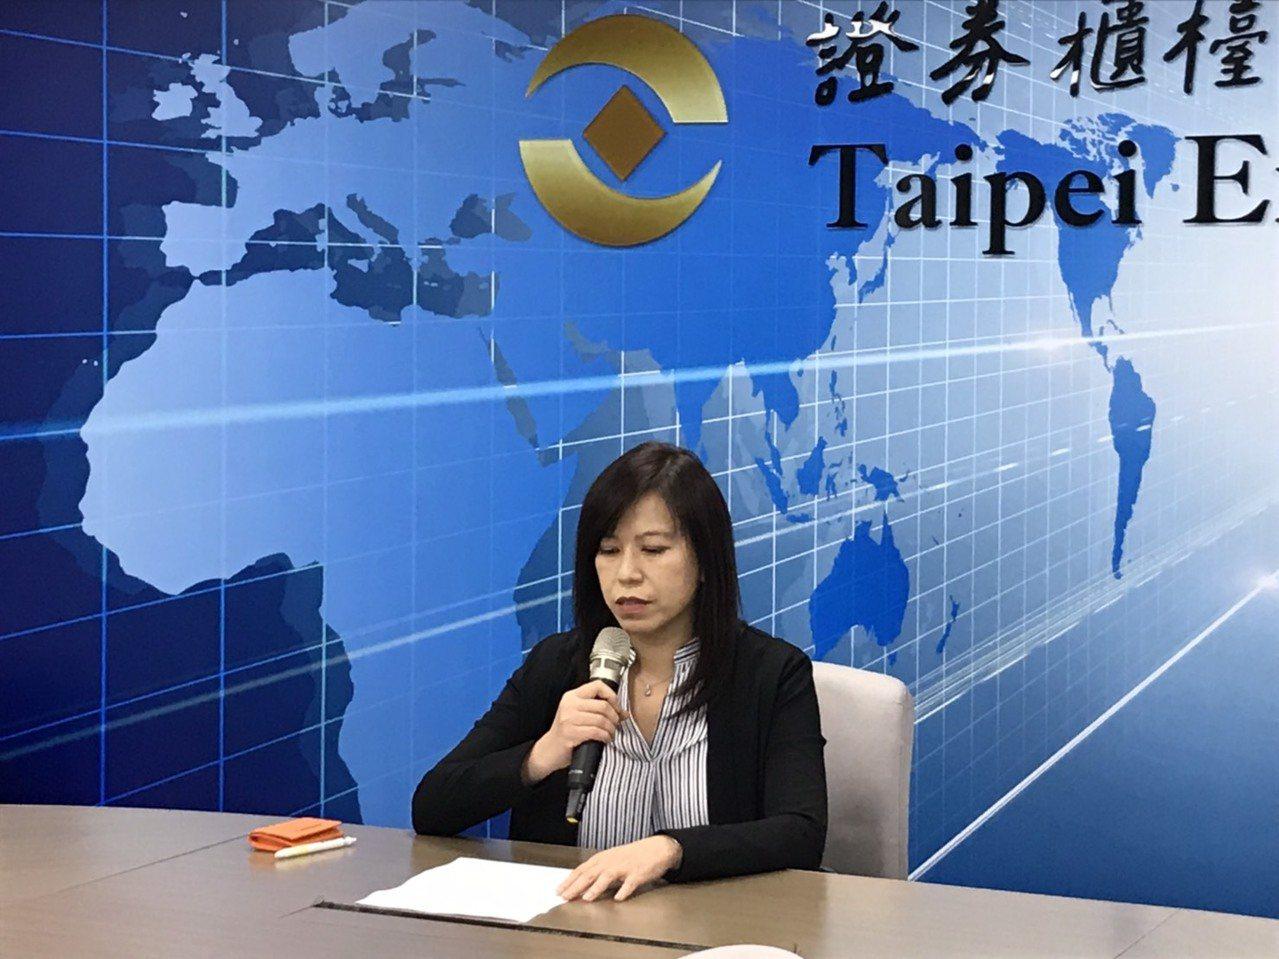 達威發言人李曉青出席重大訊息發表會,宣布公司出售福德廠建物及土地事宜。記者蔡銘仁...